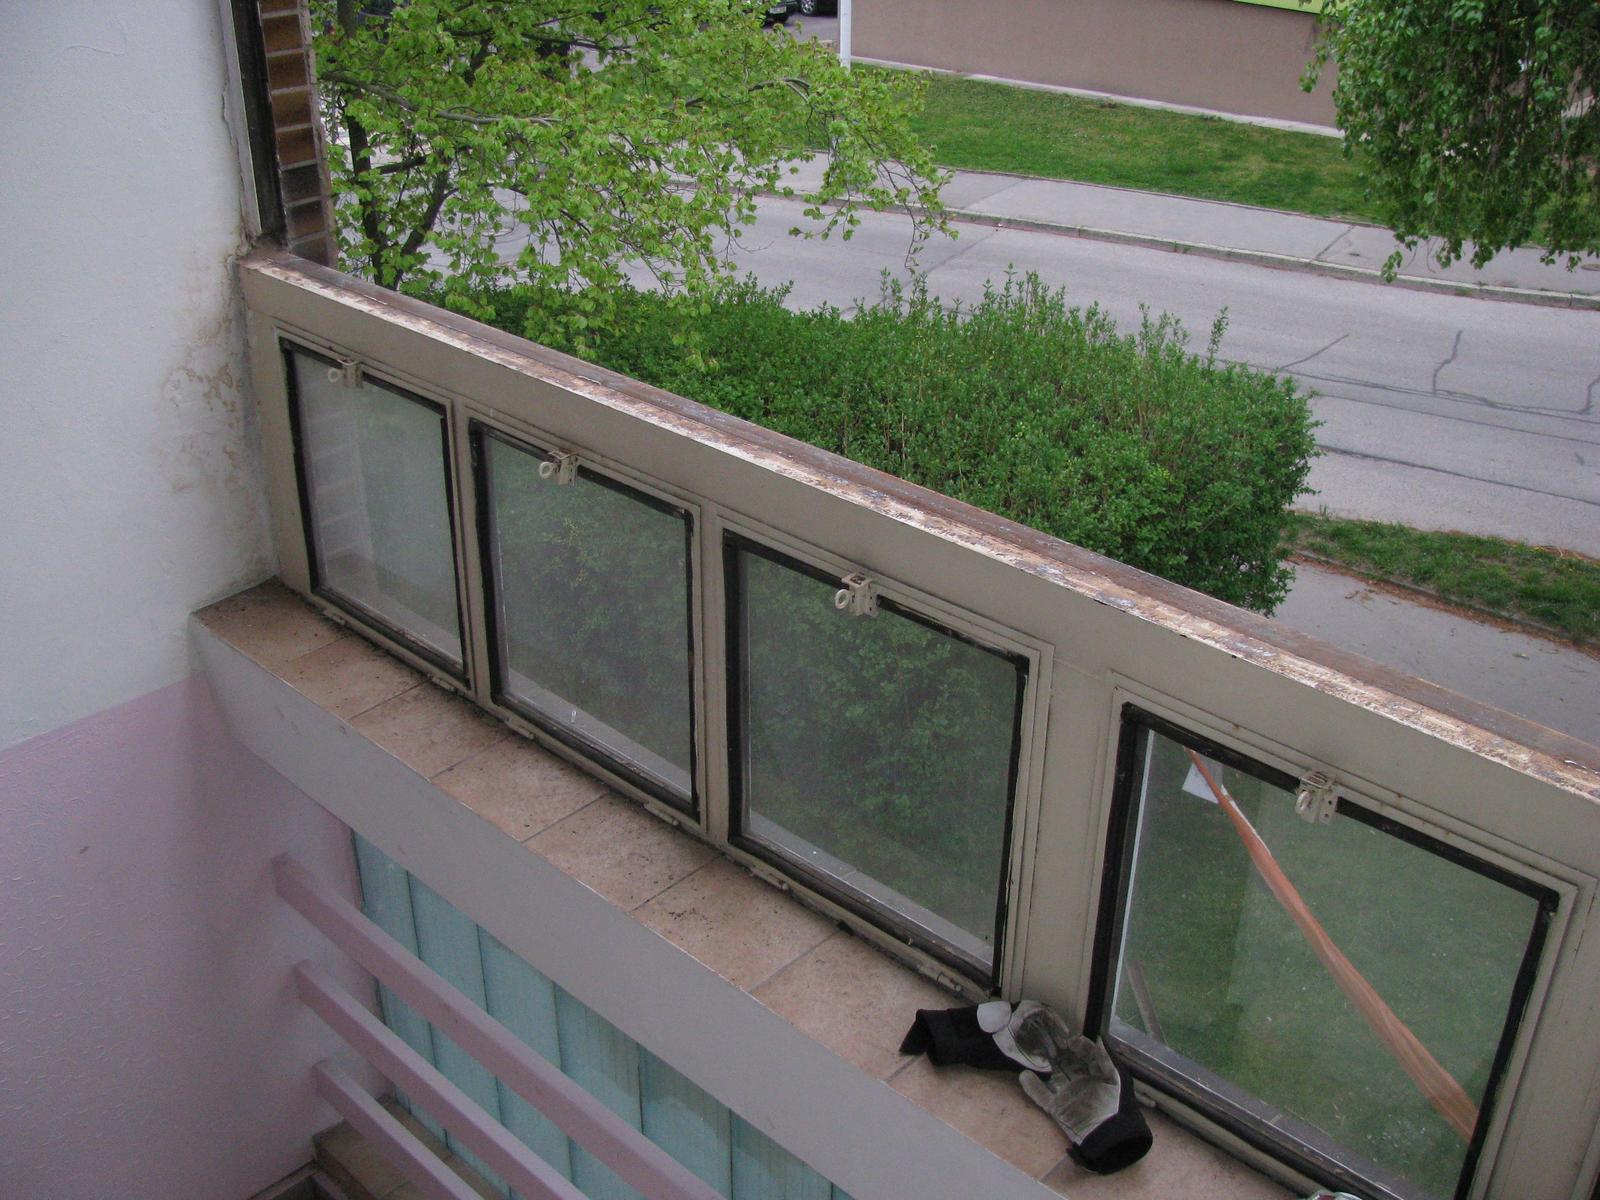 Oprava prosklené stěny domu - Obrázek č. 3